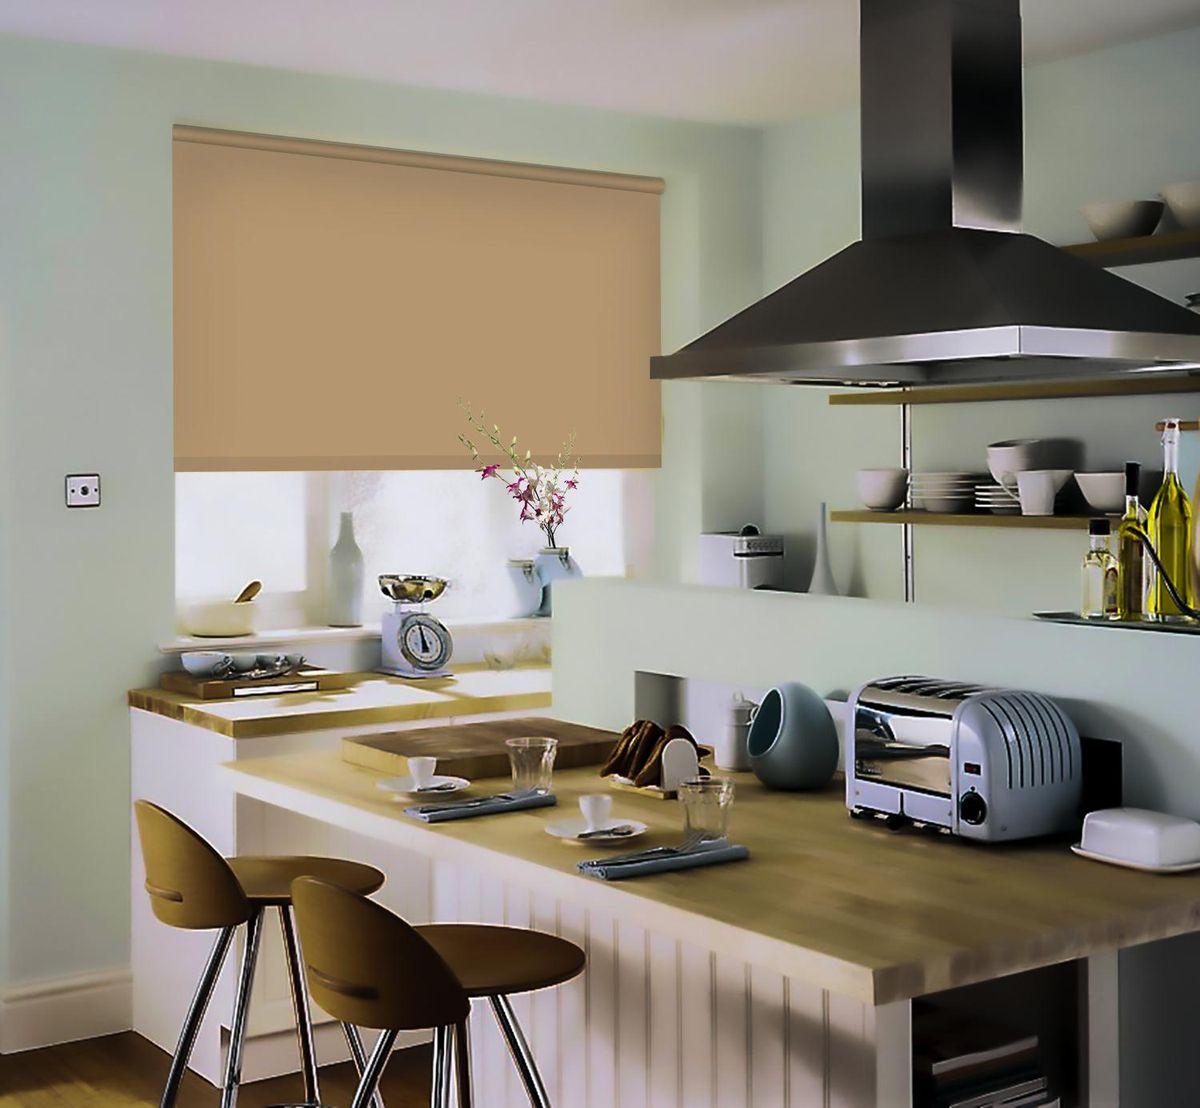 Штора рулонная Эскар, цвет: темно-бежевый, ширина 60 см, высота 170 см2615S545JBРулонными шторами можно оформлять окна как самостоятельно, так и использовать в комбинации с портьерами. Это поможет предотвратить выгорание дорогой ткани на солнце и соединит функционал рулонных с красотой навесных.Преимущества применения рулонных штор для пластиковых окон:- имеют прекрасный внешний вид: многообразие и фактурность материала изделия отлично смотрятся в любом интерьере; - многофункциональны: есть возможность подобрать шторы способные эффективно защитить комнату от солнца, при этом о на не будет слишком темной. - Есть возможность осуществить быстрый монтаж. ВНИМАНИЕ! Размеры ширины изделия указаны по ширине ткани!Во время эксплуатации не рекомендуется полностью разматывать рулон, чтобы не оторвать ткань от намоточного вала.В случае загрязнения поверхности ткани, чистку шторы проводят одним из способов, в зависимости от типа загрязнения: легкое поверхностное загрязнение можно удалить при помощи канцелярского ластика; чистка от пыли производится сухим методом при помощи пылесоса с мягкой щеткой-насадкой; для удаления пятна используйте мягкую губку с пенообразующим неагрессивным моющим средством или пятновыводитель на натуральной основе (нельзя применять растворители).